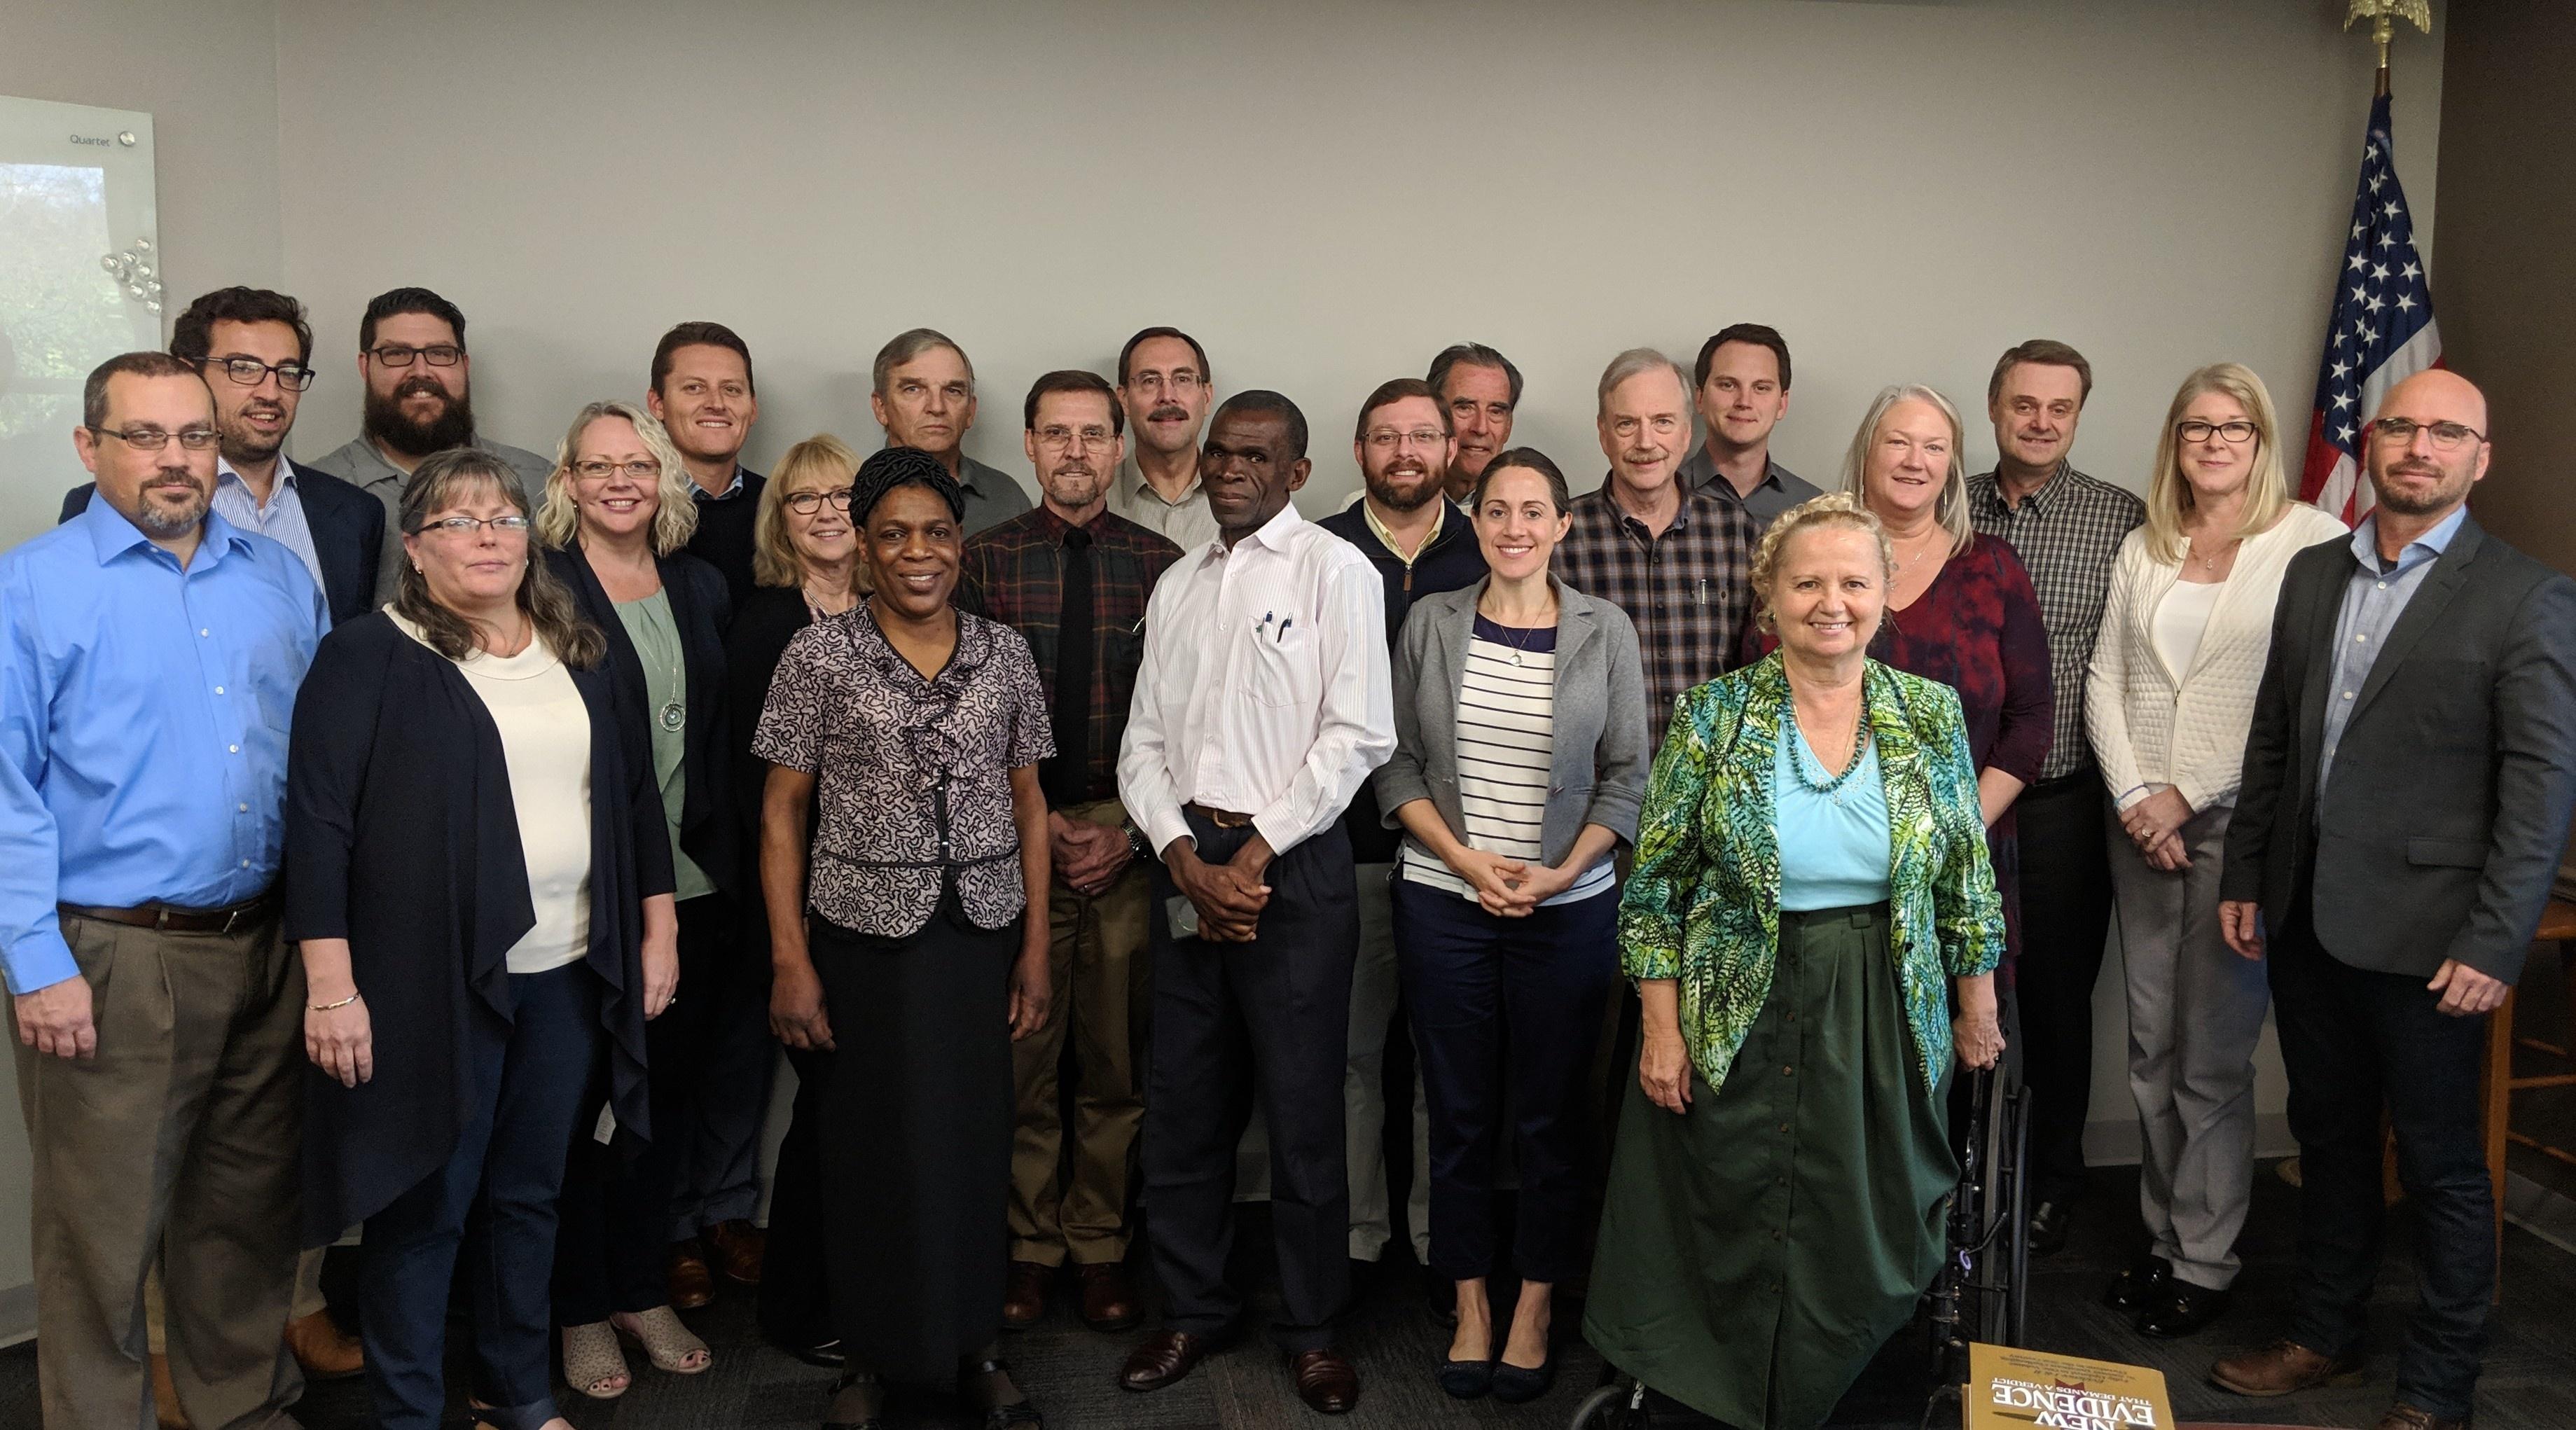 Participants who were part of the Pastoral Development Program.